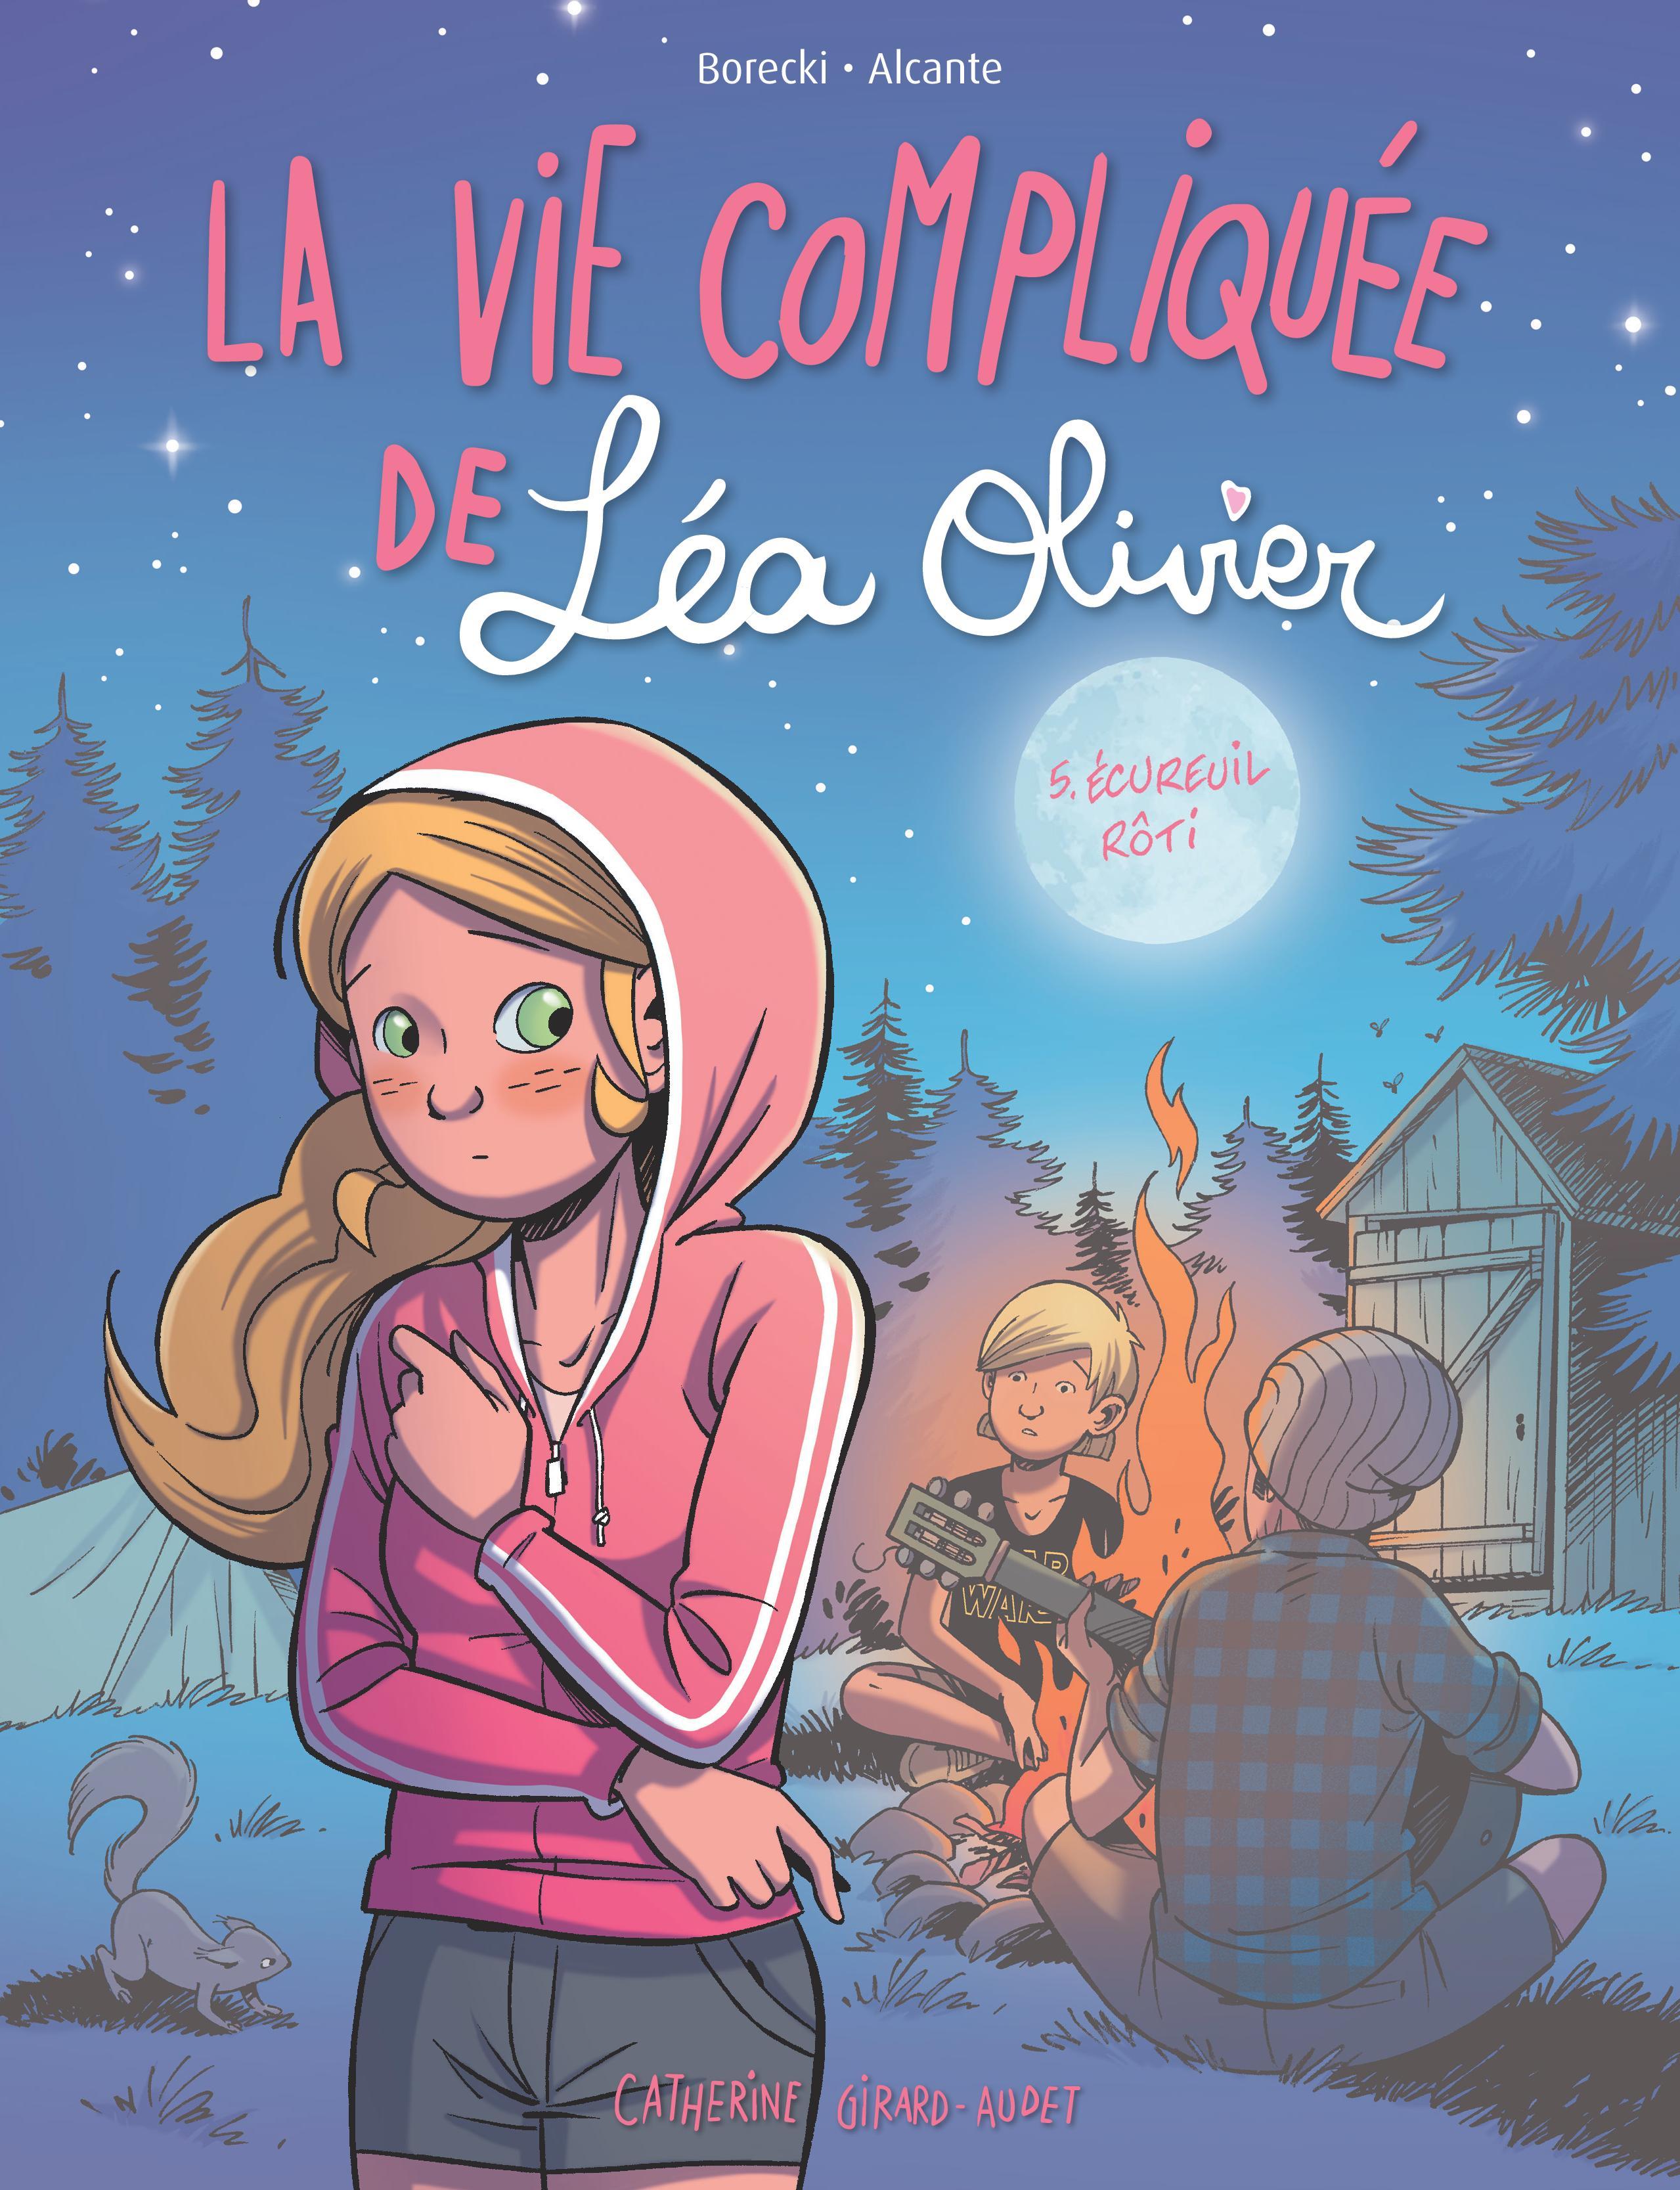 BD La vie compliquée de Léa Olivier tome 5 : Écureuil rôti